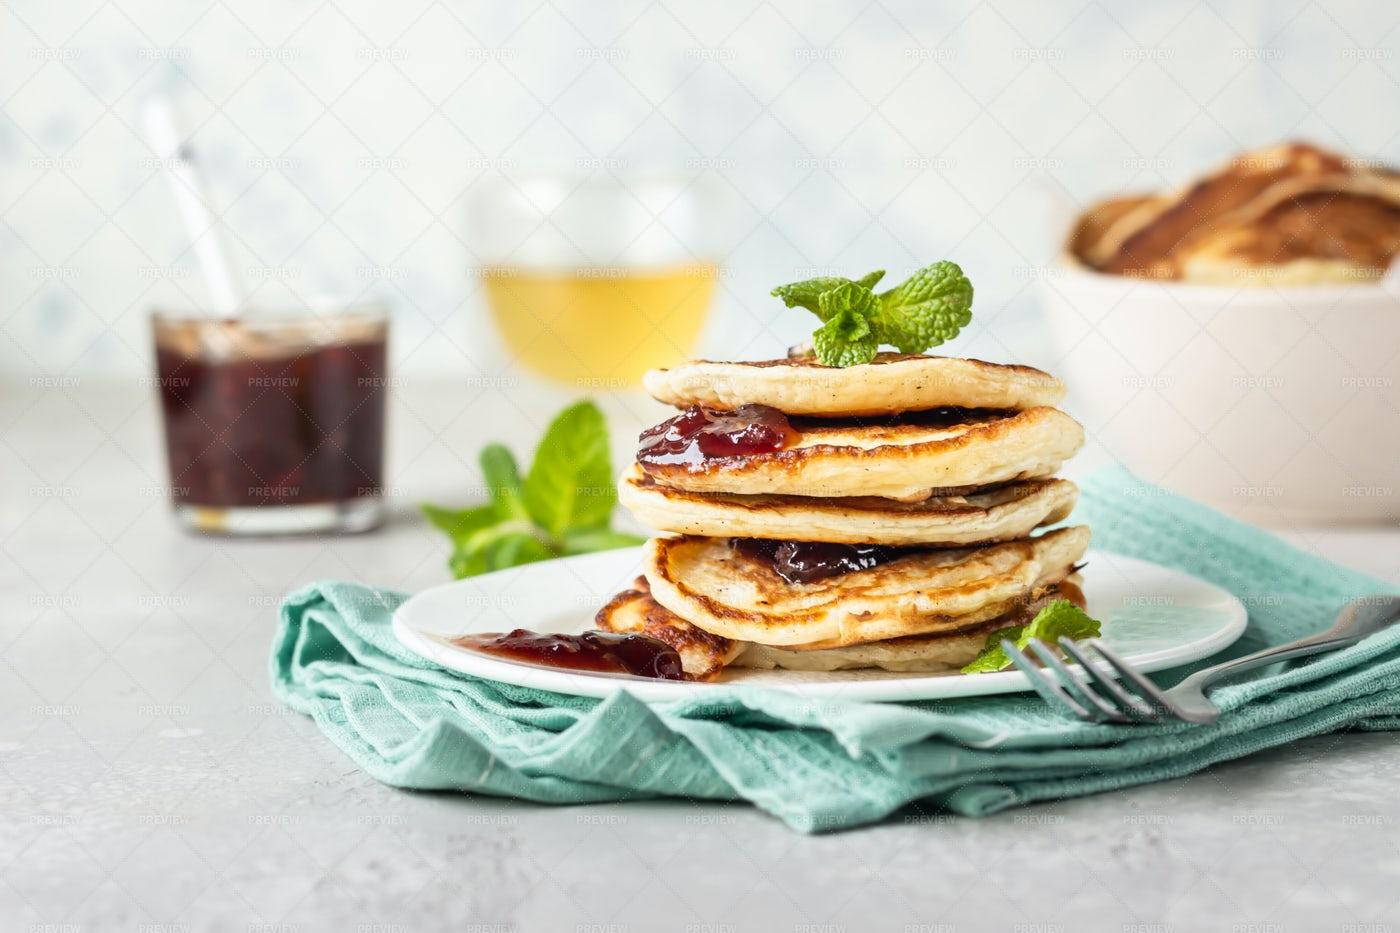 Herbal Tea And Pancakes: Stock Photos